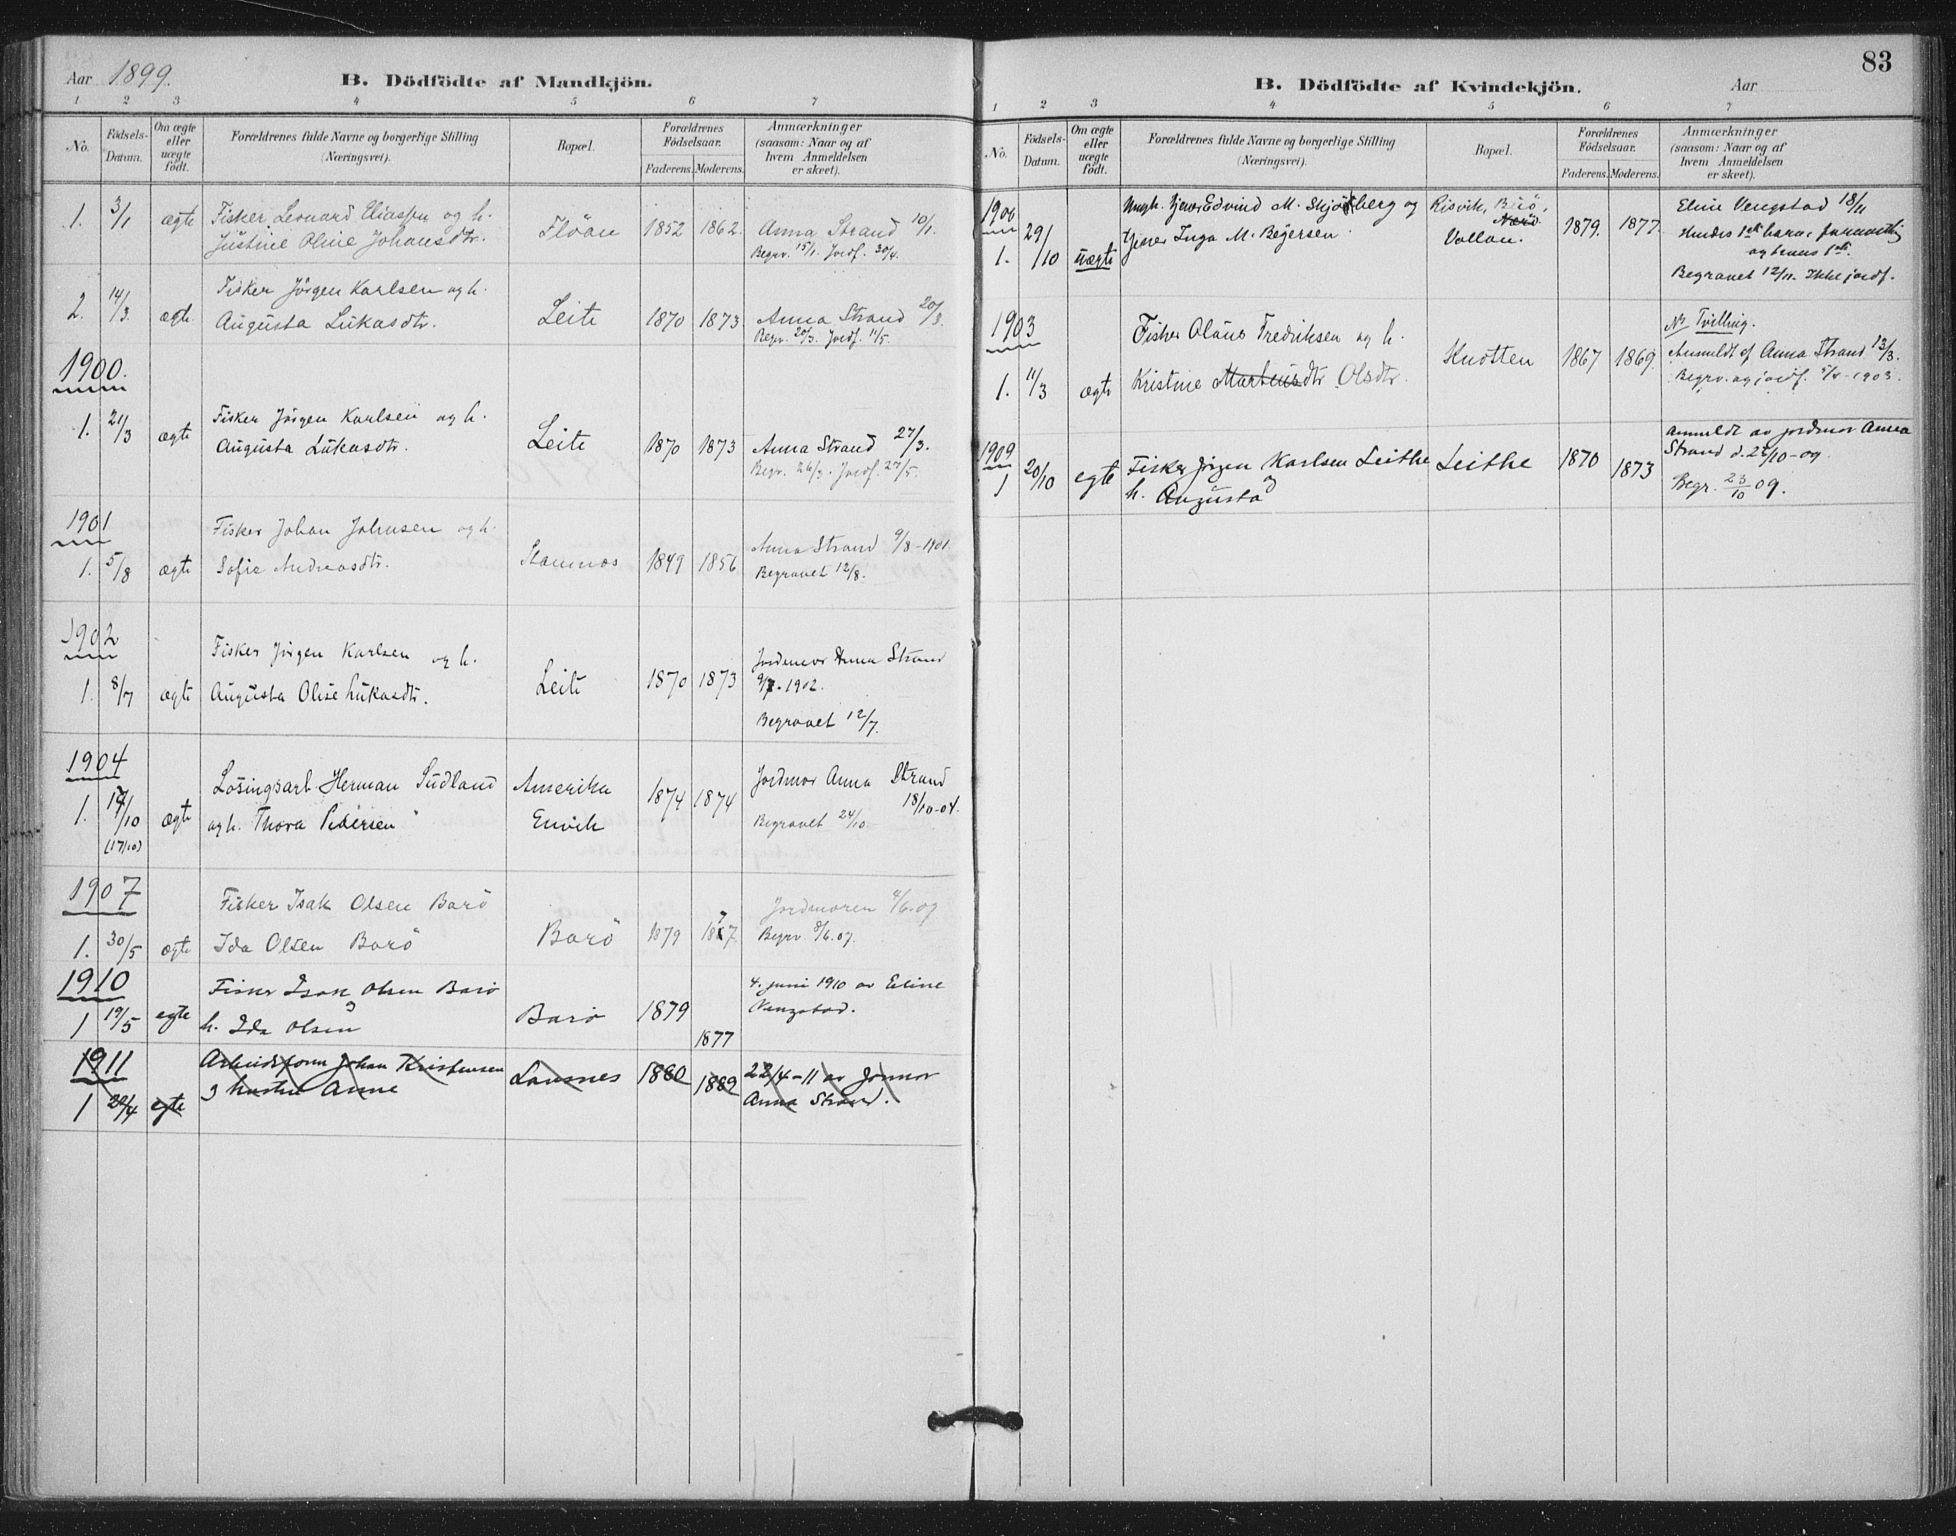 SAT, Ministerialprotokoller, klokkerbøker og fødselsregistre - Nord-Trøndelag, 772/L0603: Ministerialbok nr. 772A01, 1885-1912, s. 83